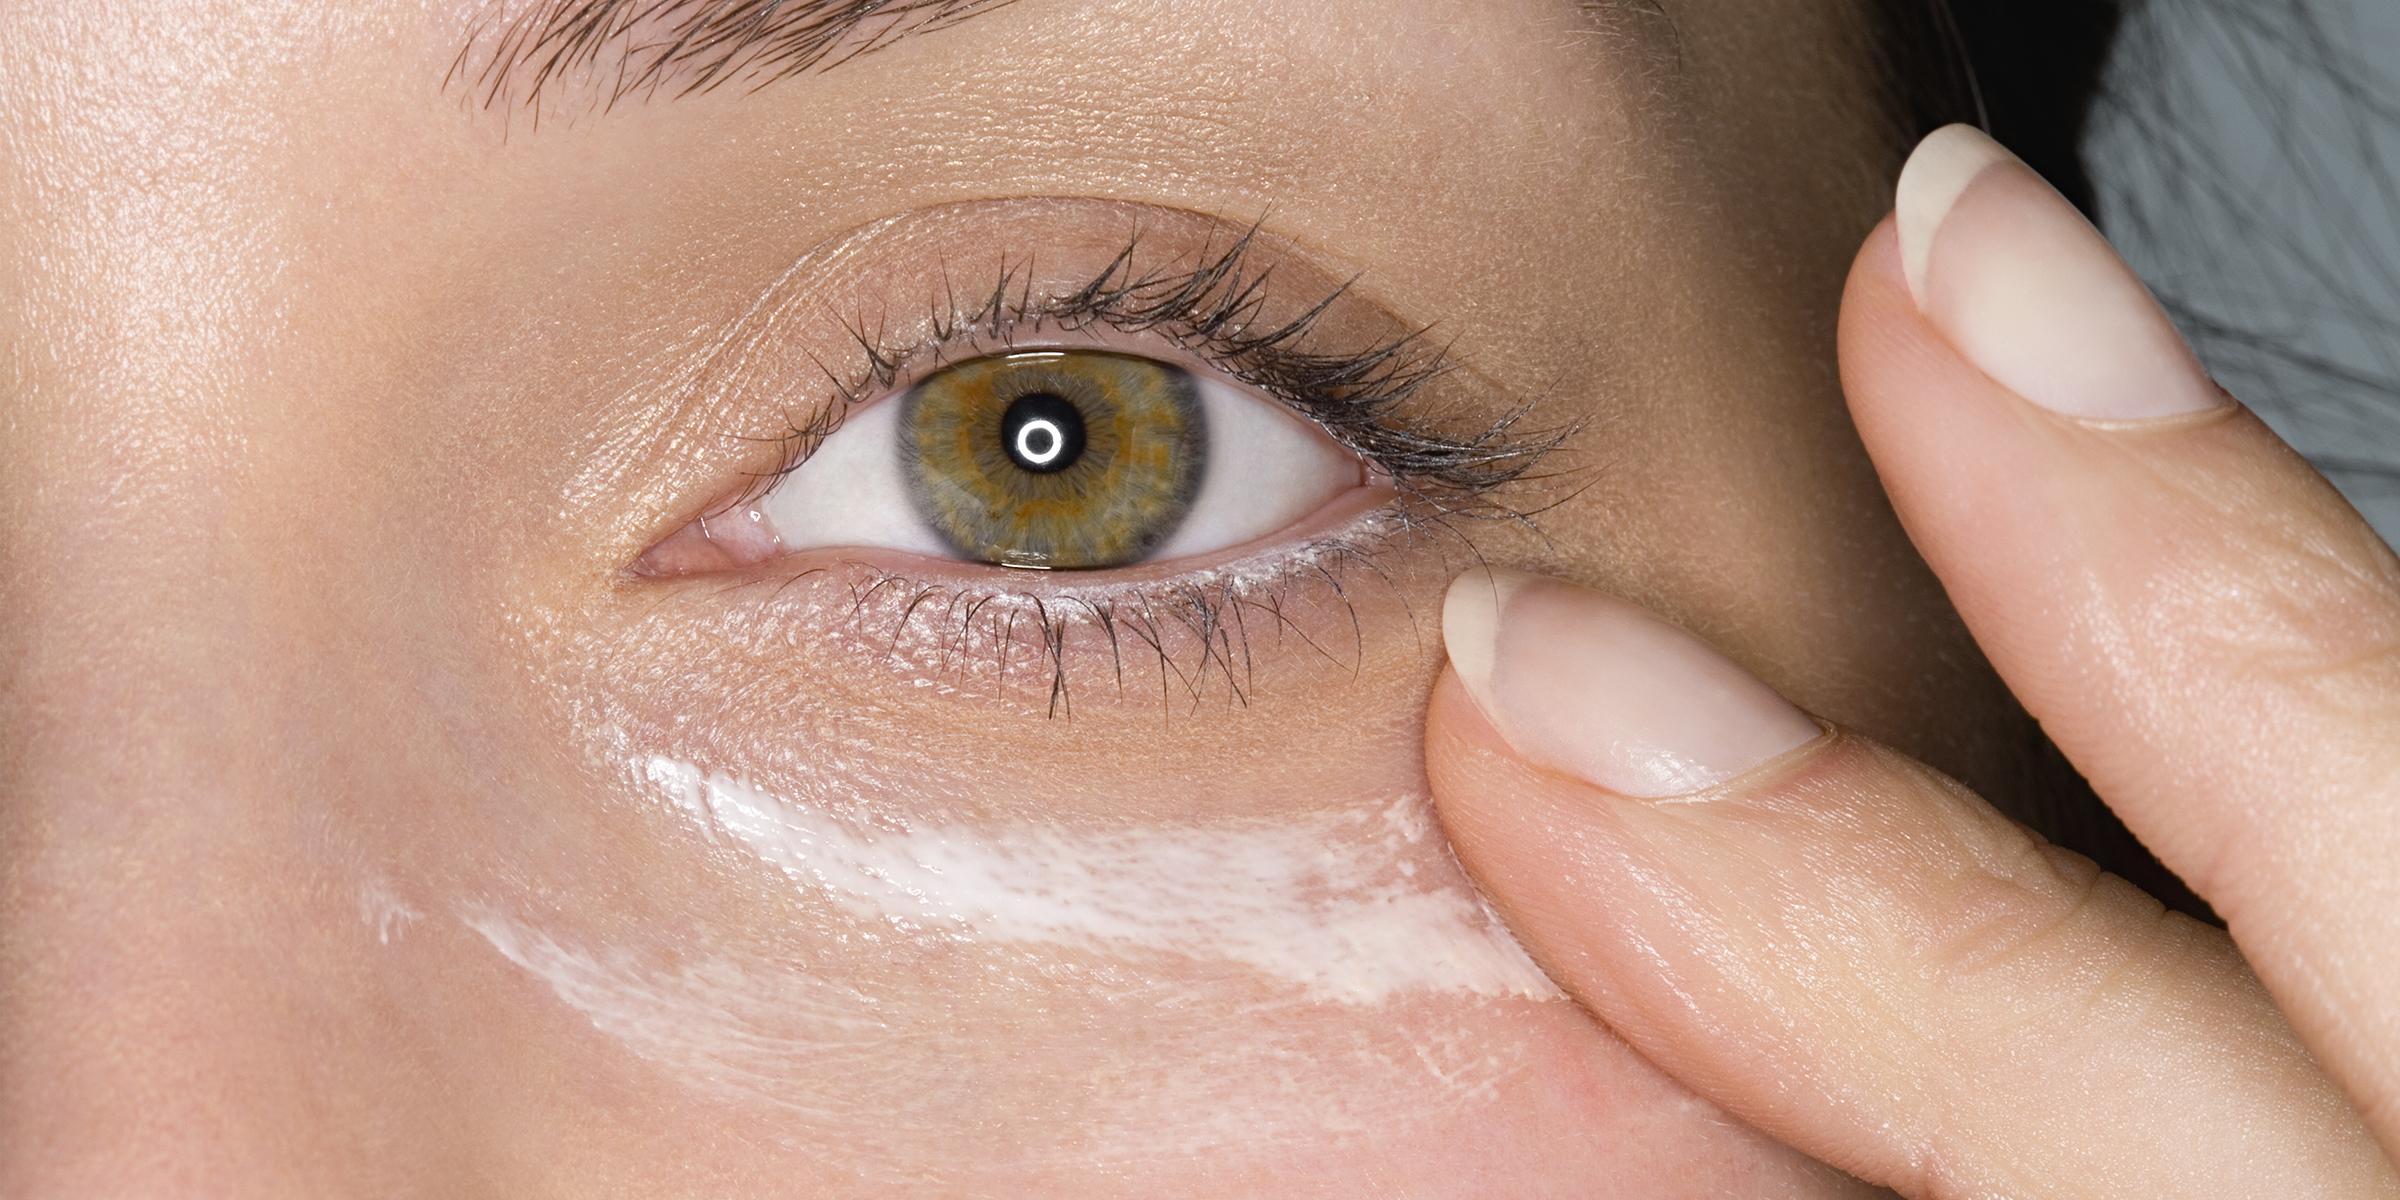 کرم-اطراف-چشم-دکتر-راشل-آلوئه-ورا